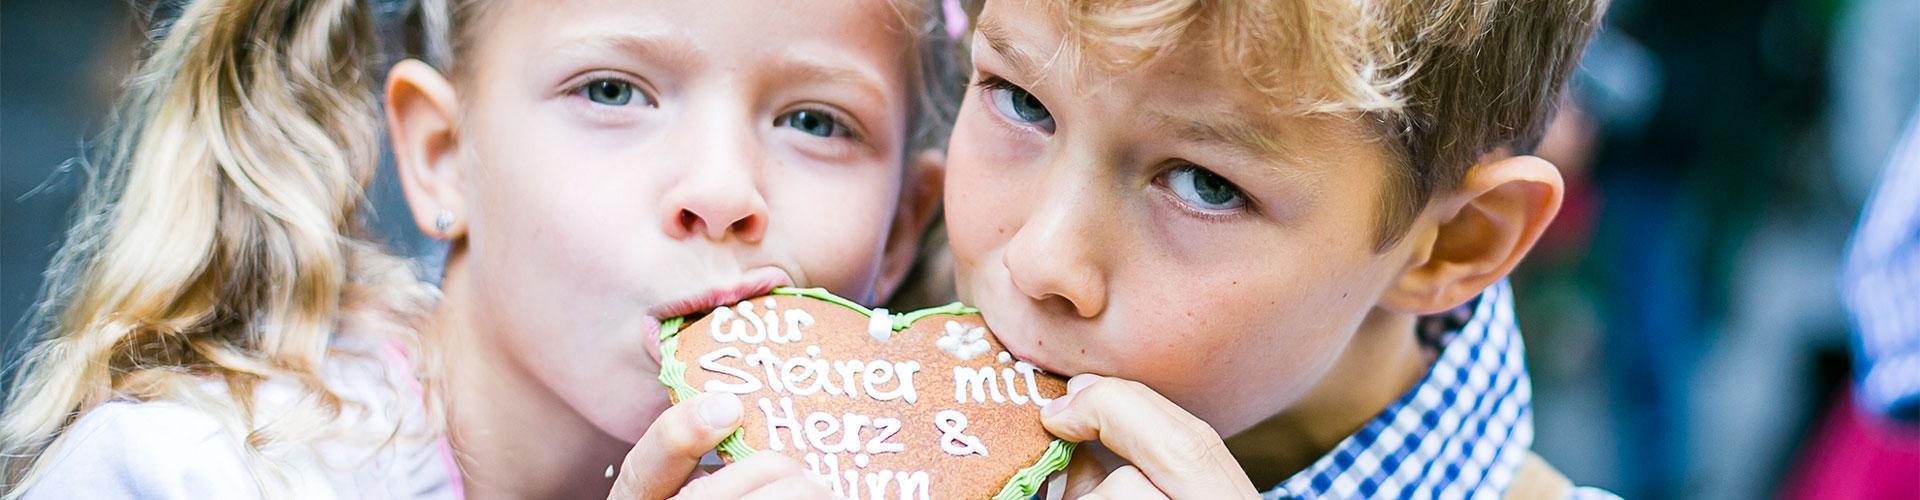 Aufsteirern-2015-Slider-12